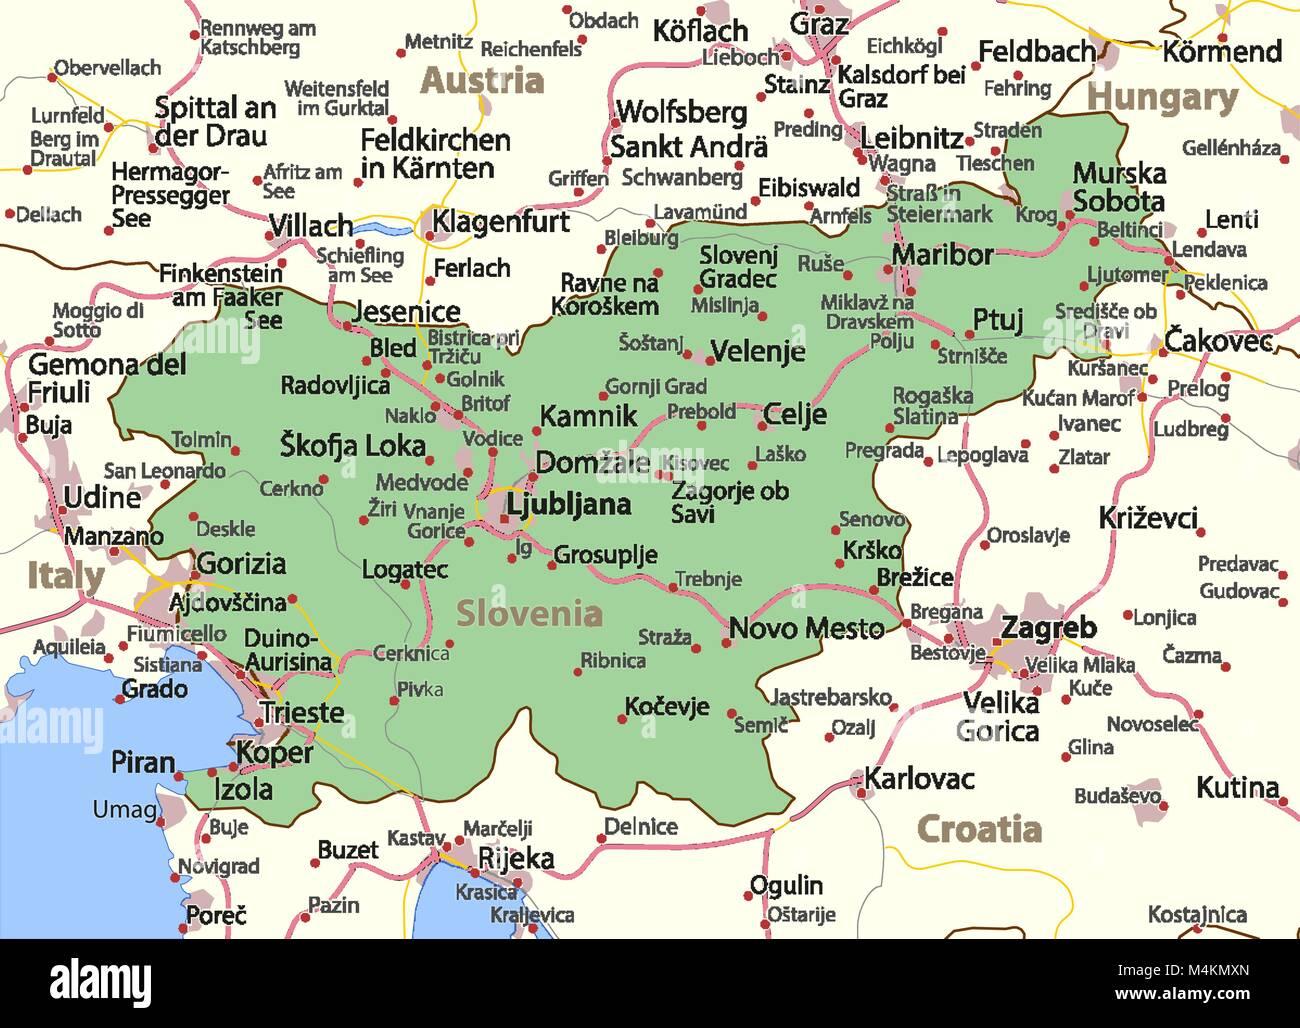 Cartina Stradale Della Slovenia.Mappa Della Slovenia Mostra I Confini Zone Urbane Nomi Di Localita E Strade Le Etichette In Inglese Dove Possibile Proiezione Proiezione Di Mercatore Immagine E Vettoriale Alamy